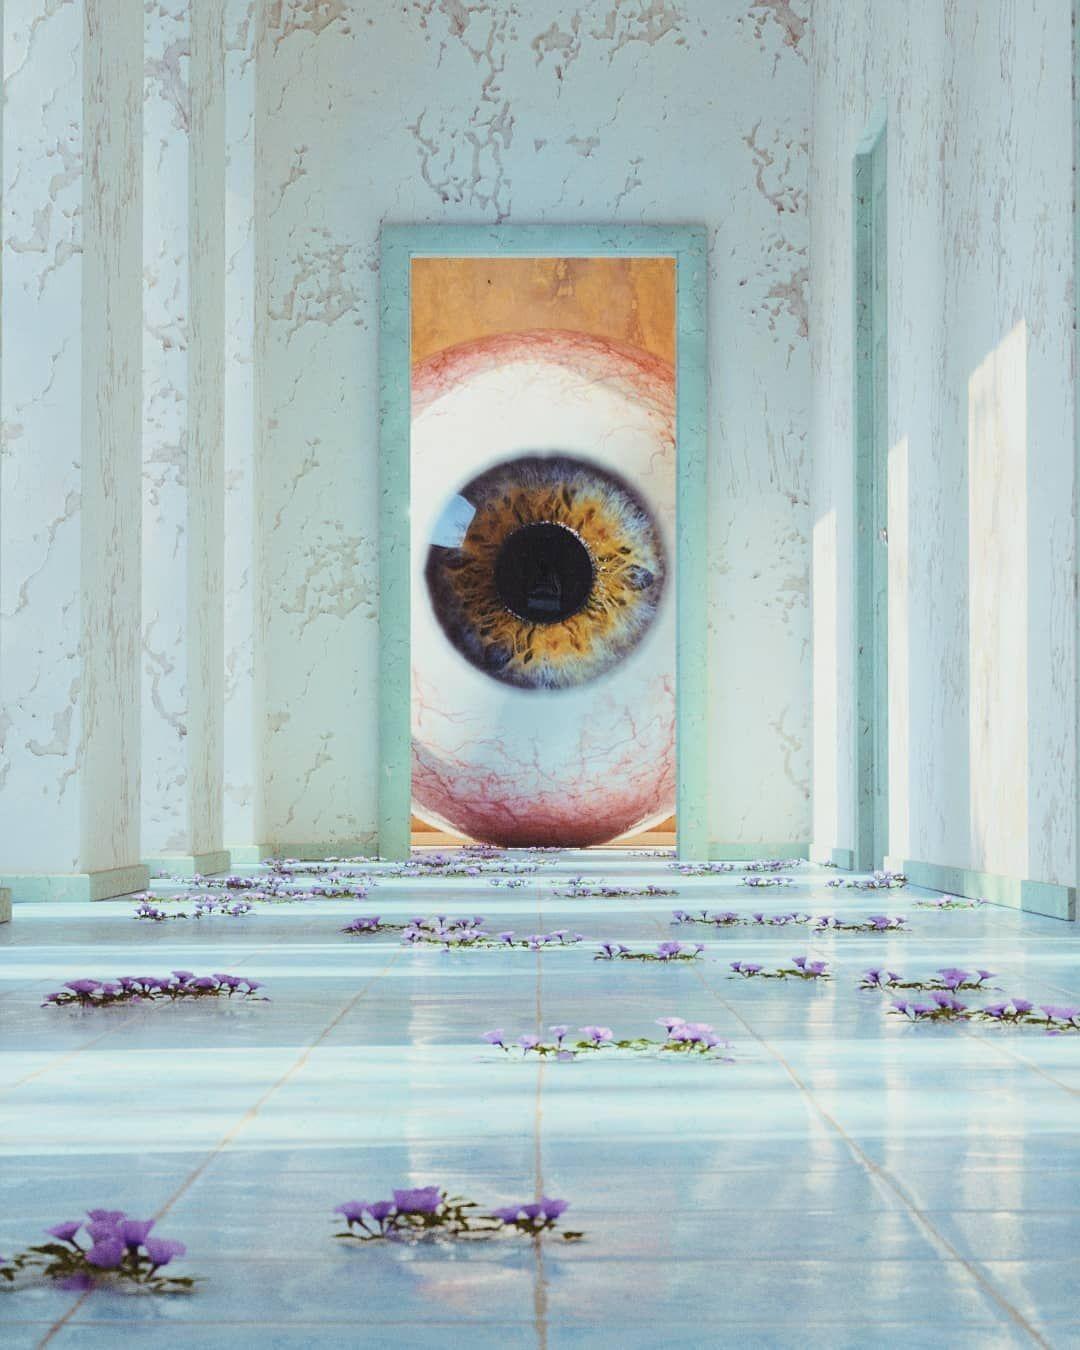 #eye #design #art #render #motiondesign #fantasy